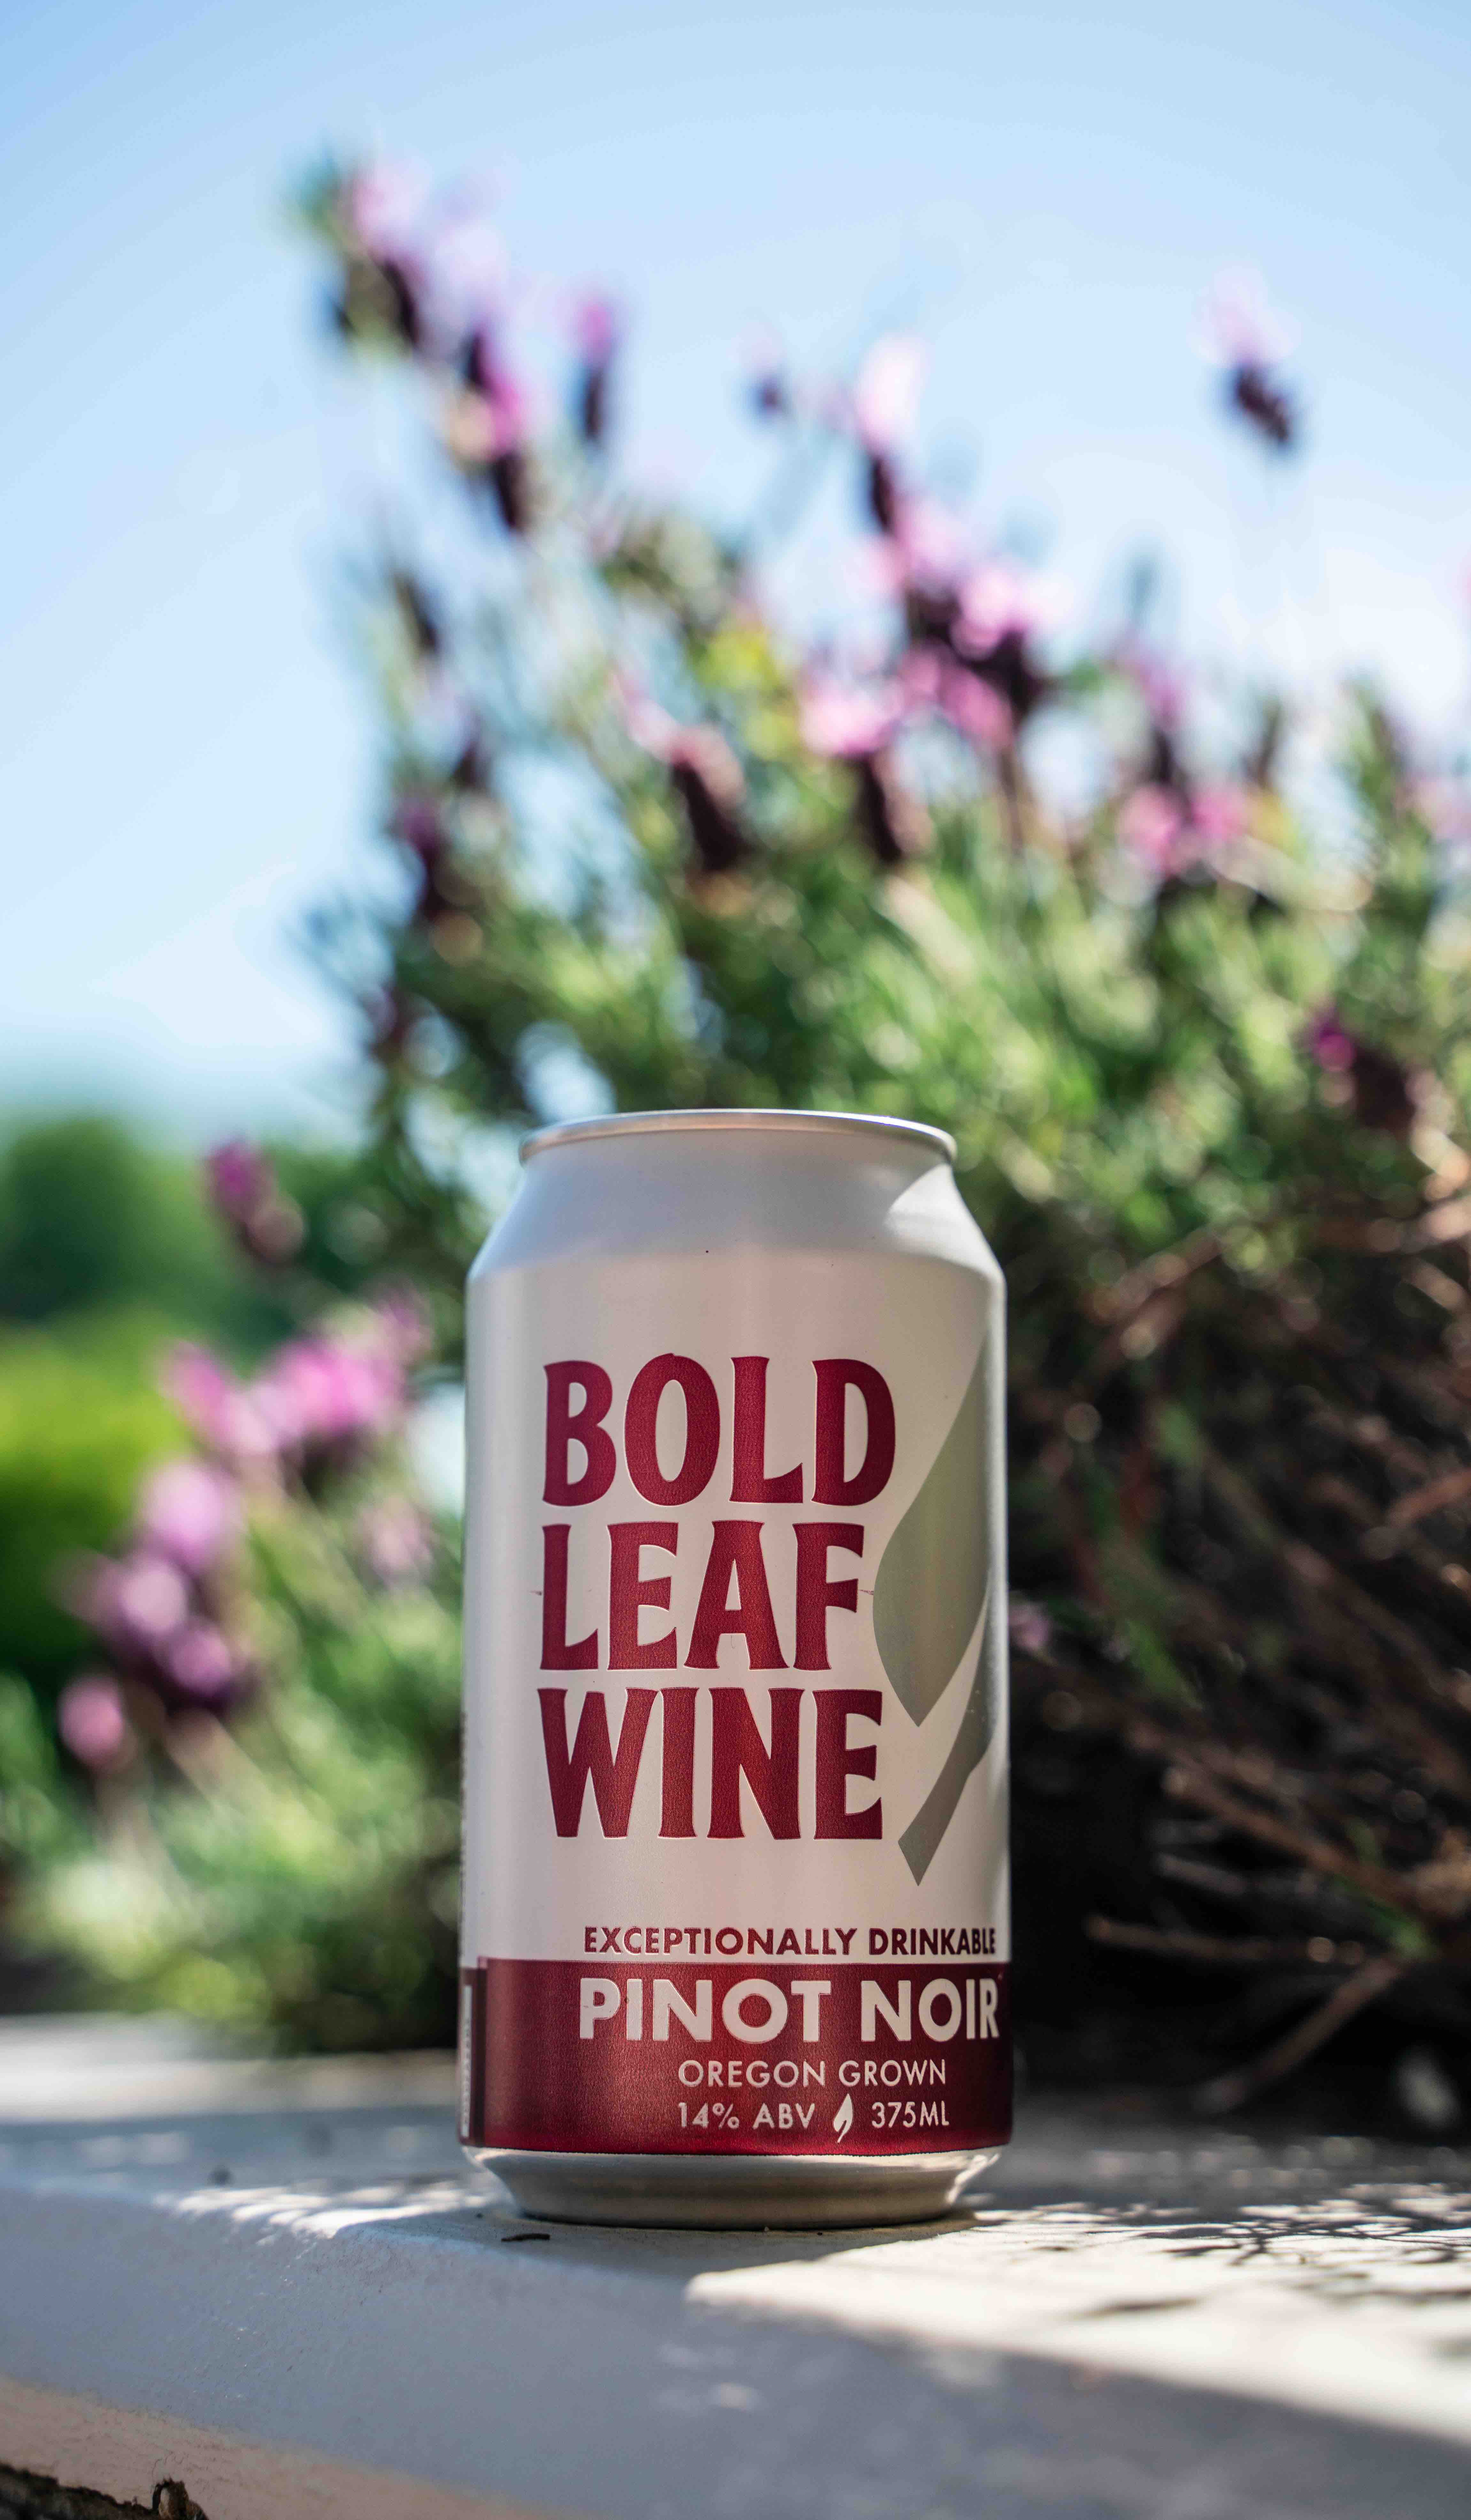 image Pinot Noir courtesy of Bold Leaf Wine